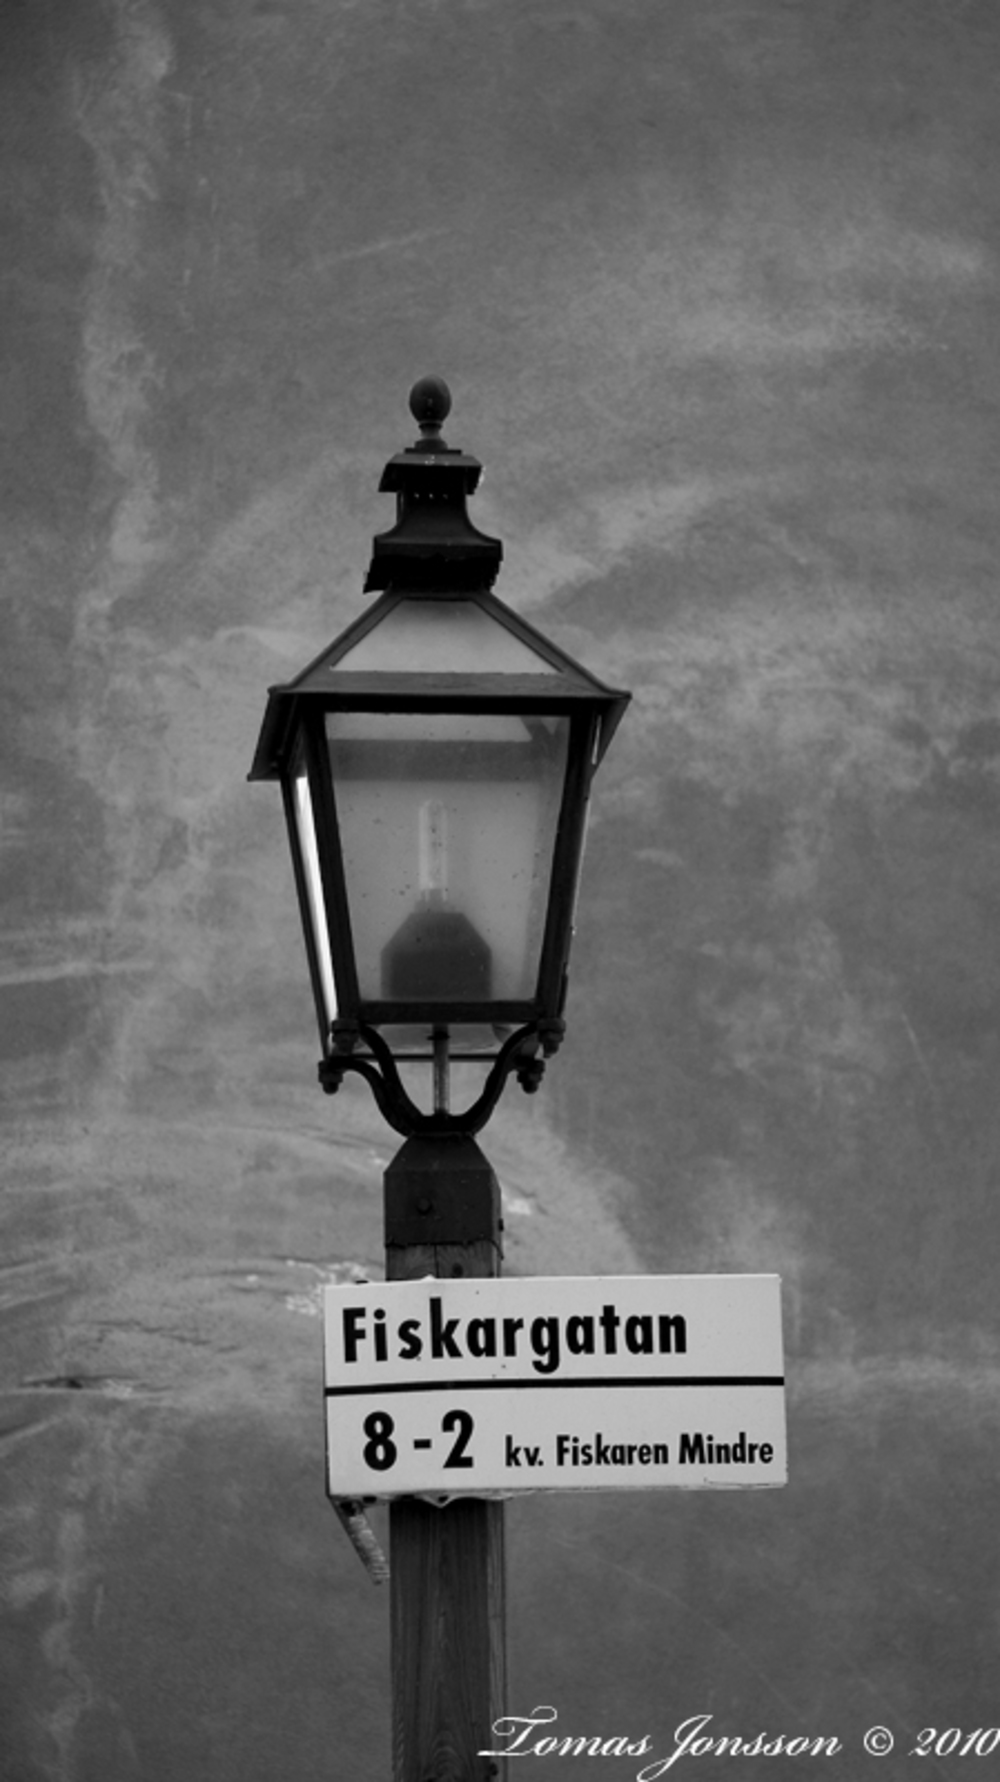 Fiskargatan